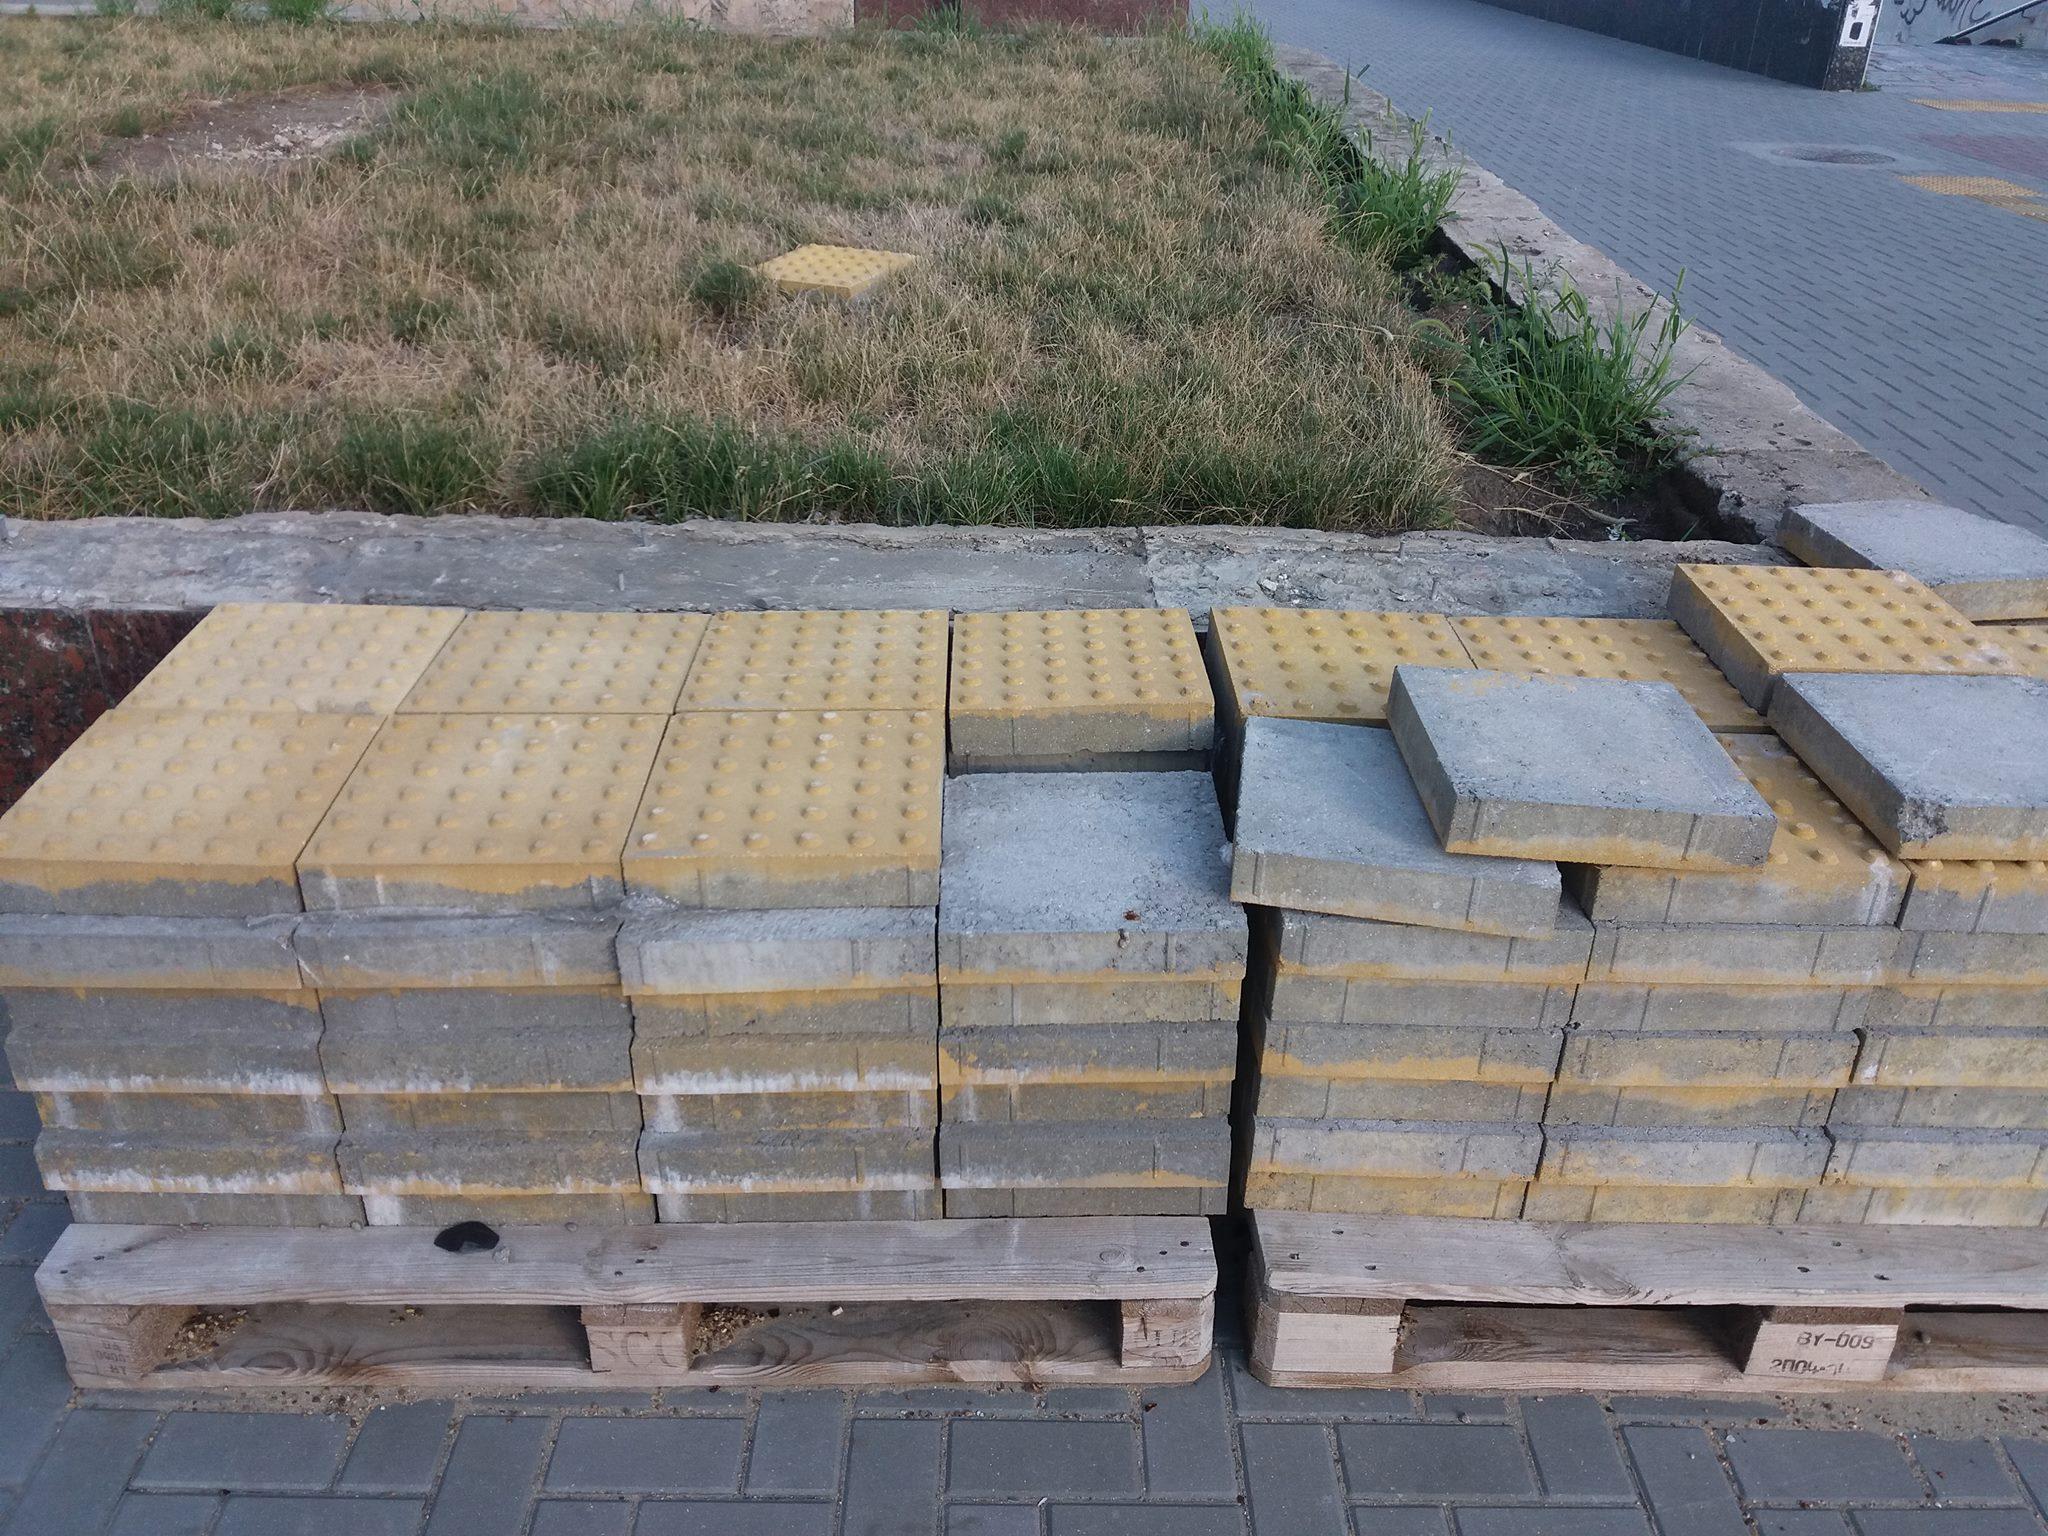 Укладка тактильной плитки на бульваре Штефана чел Маре завершилась, едва начавшись (ФОТО)